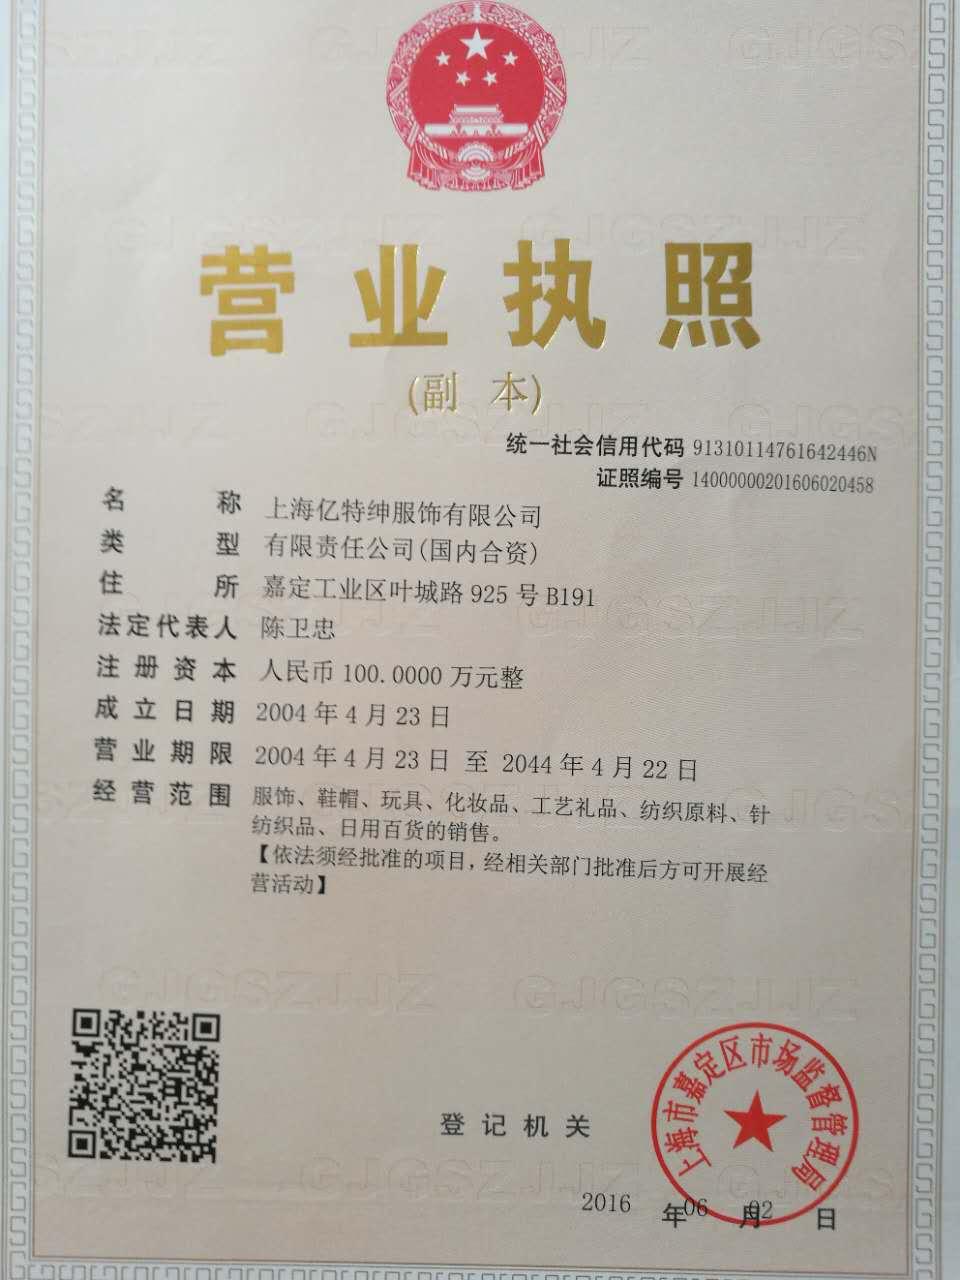 上海亿特绅服饰有限公司企业档案